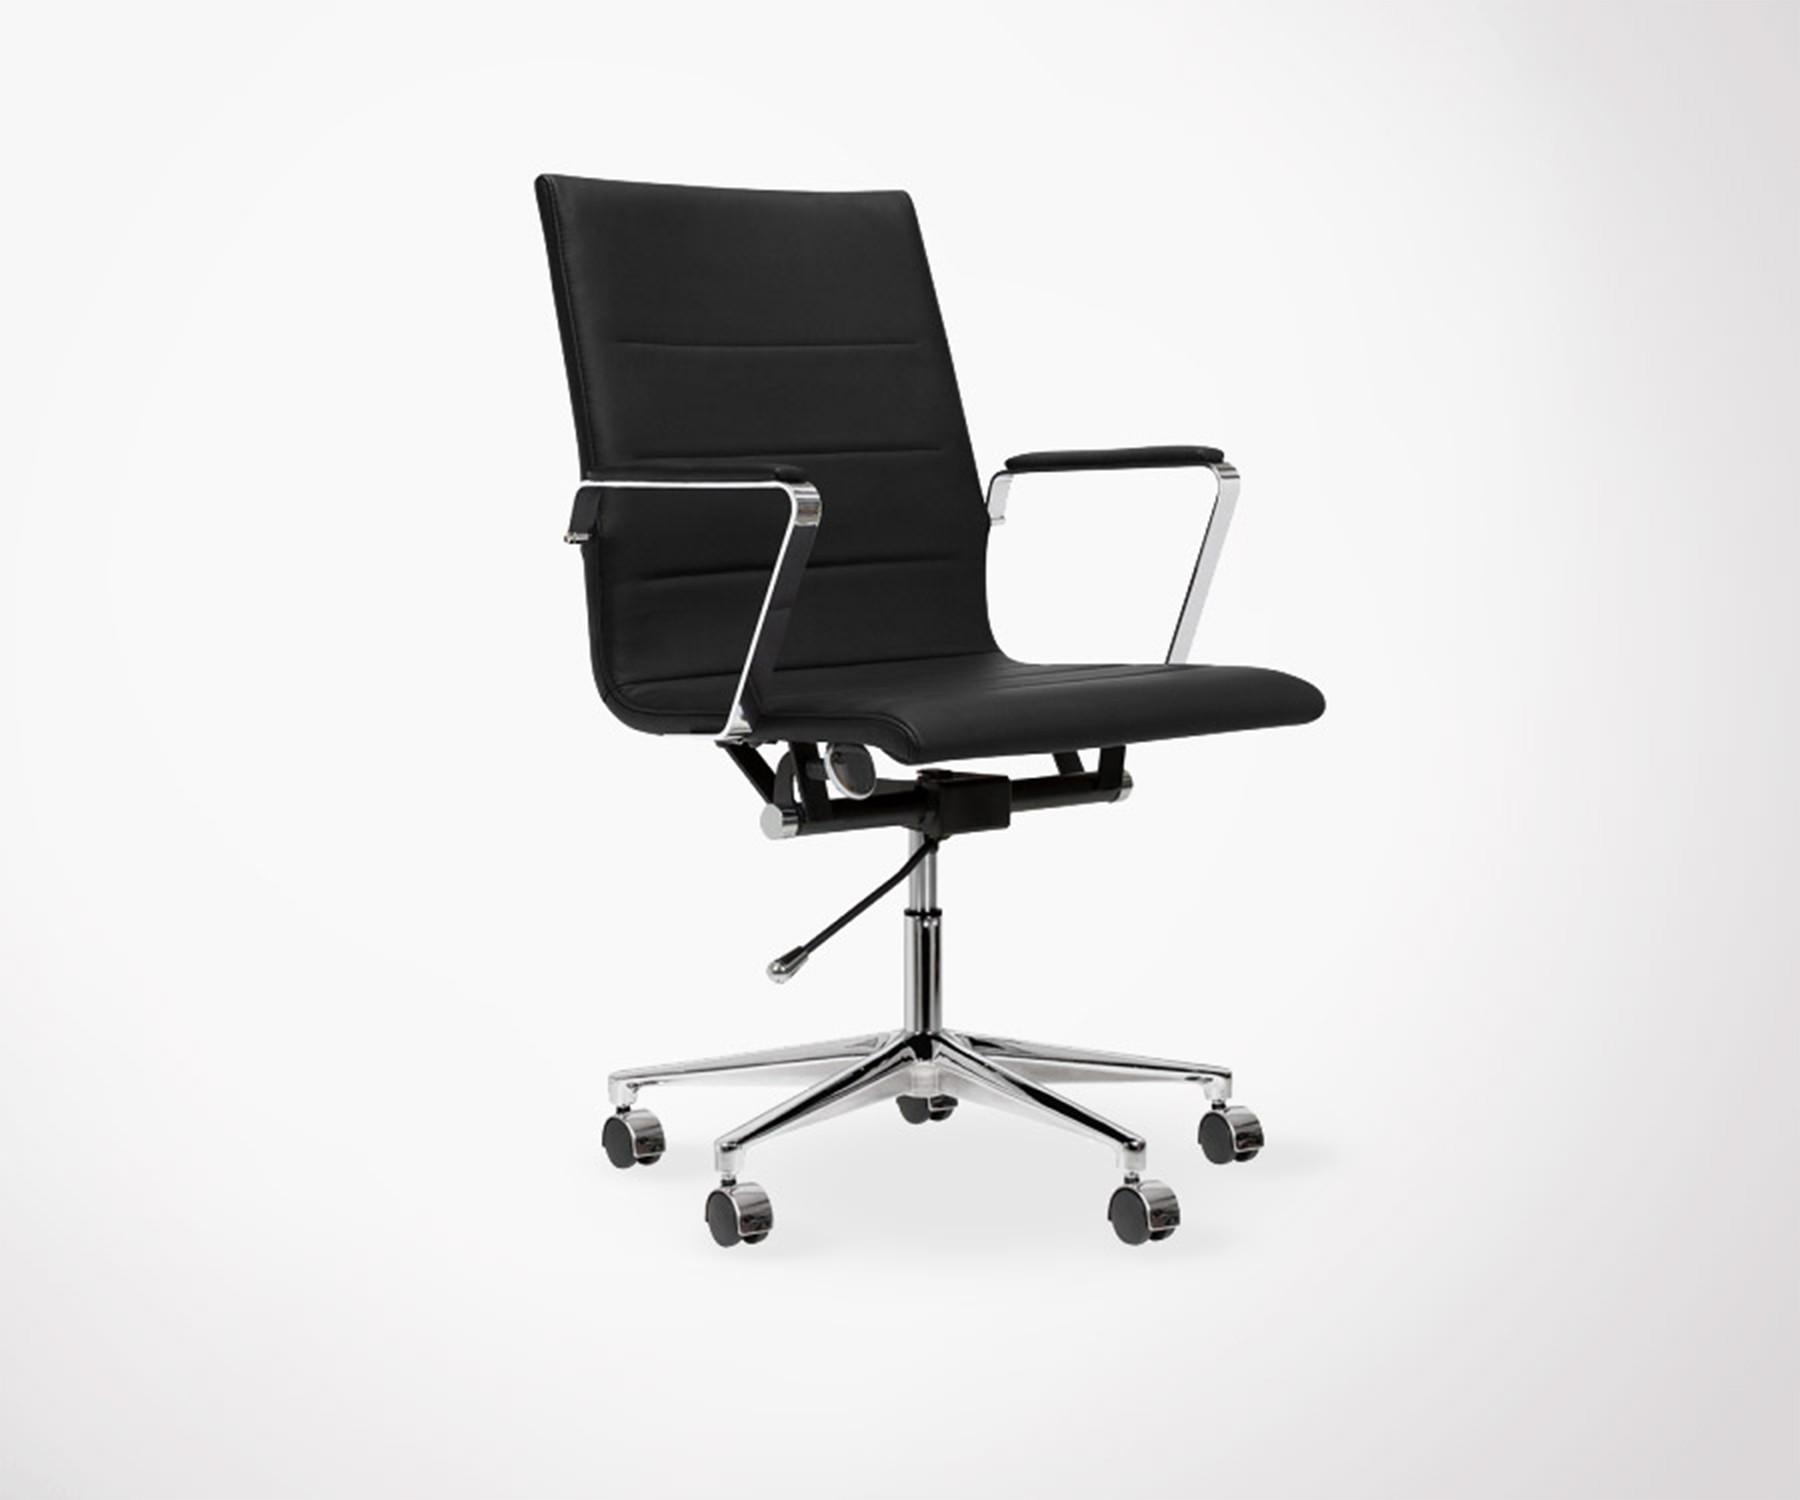 Chaise bureau design cheap de bureau ue chaise de bureau - Chaise de bureau en bois a roulette ...